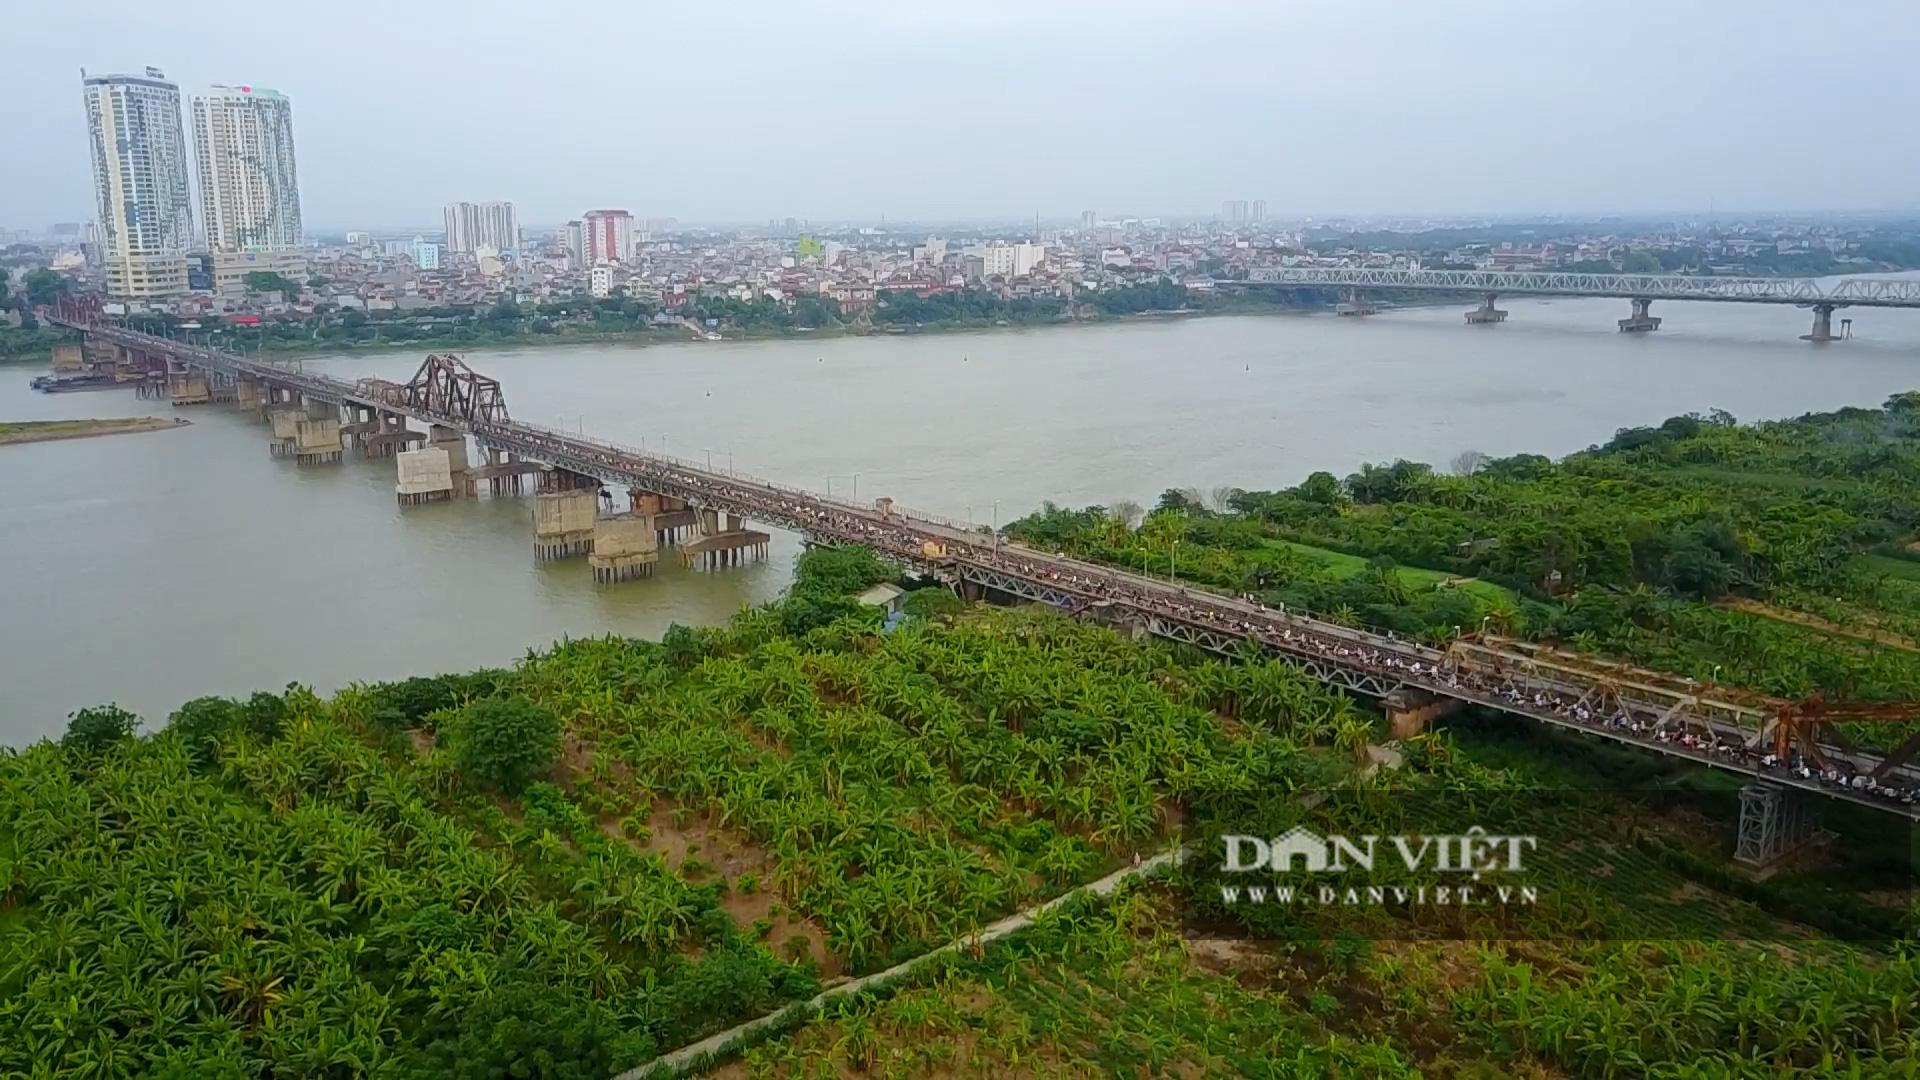 Cầu Long Biên xuống cấp đến không ngờ, mặt đường nhiều ổ gà, hở hàm ếch có thể nhìn rõ mặt nước sông Hồng - Ảnh 1.